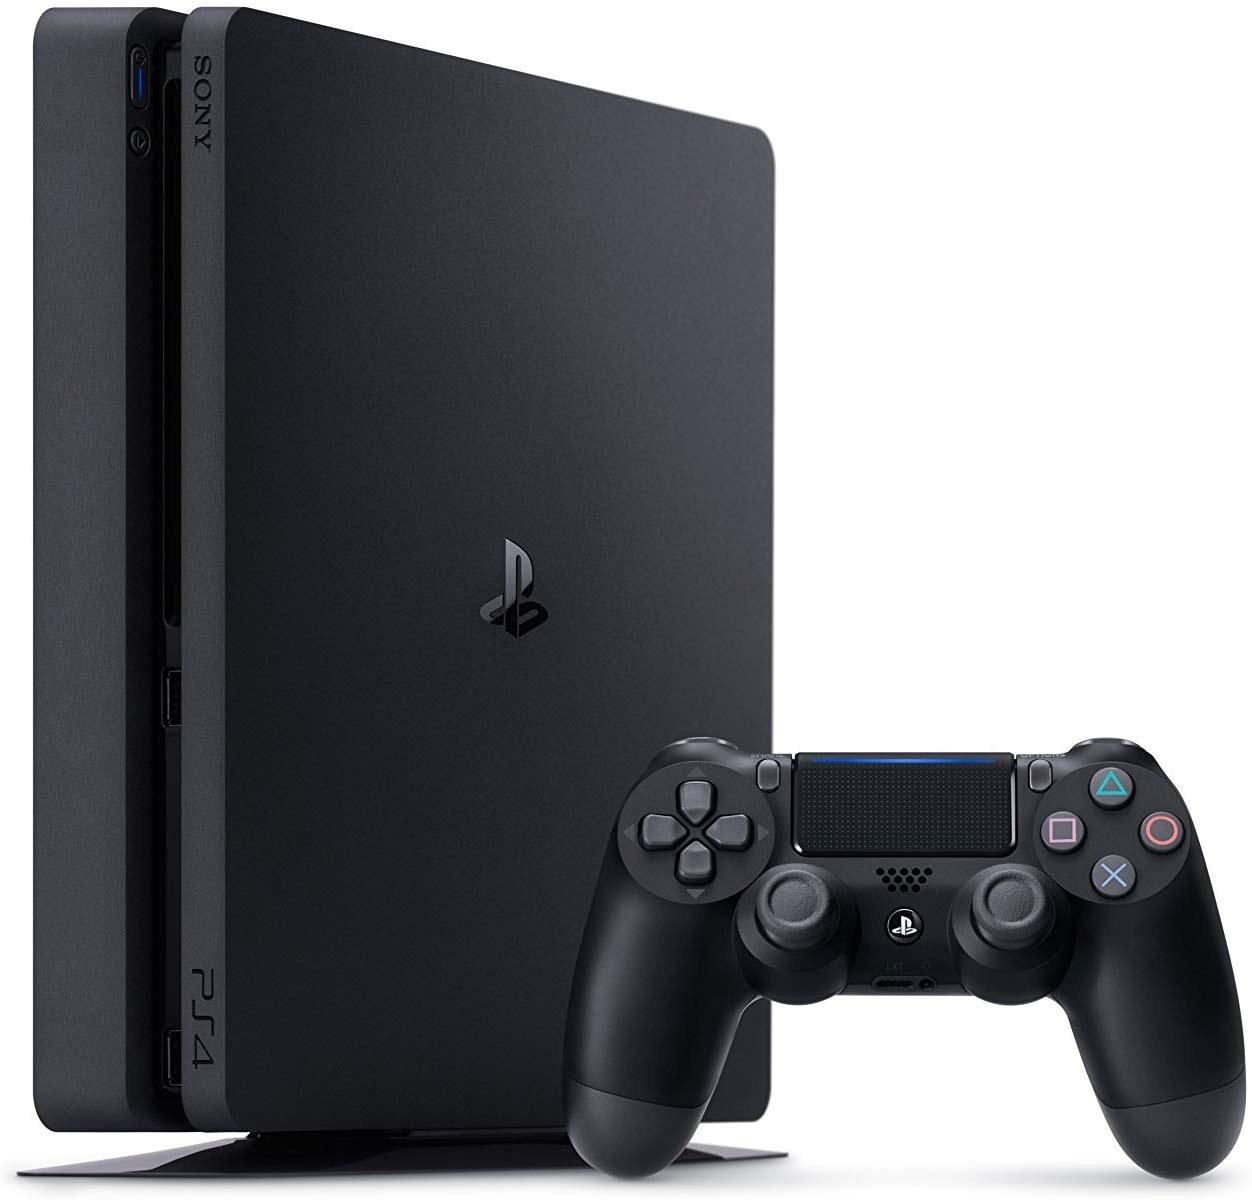 پلی استیشن سونی PS4 Slim 1TB Region 2